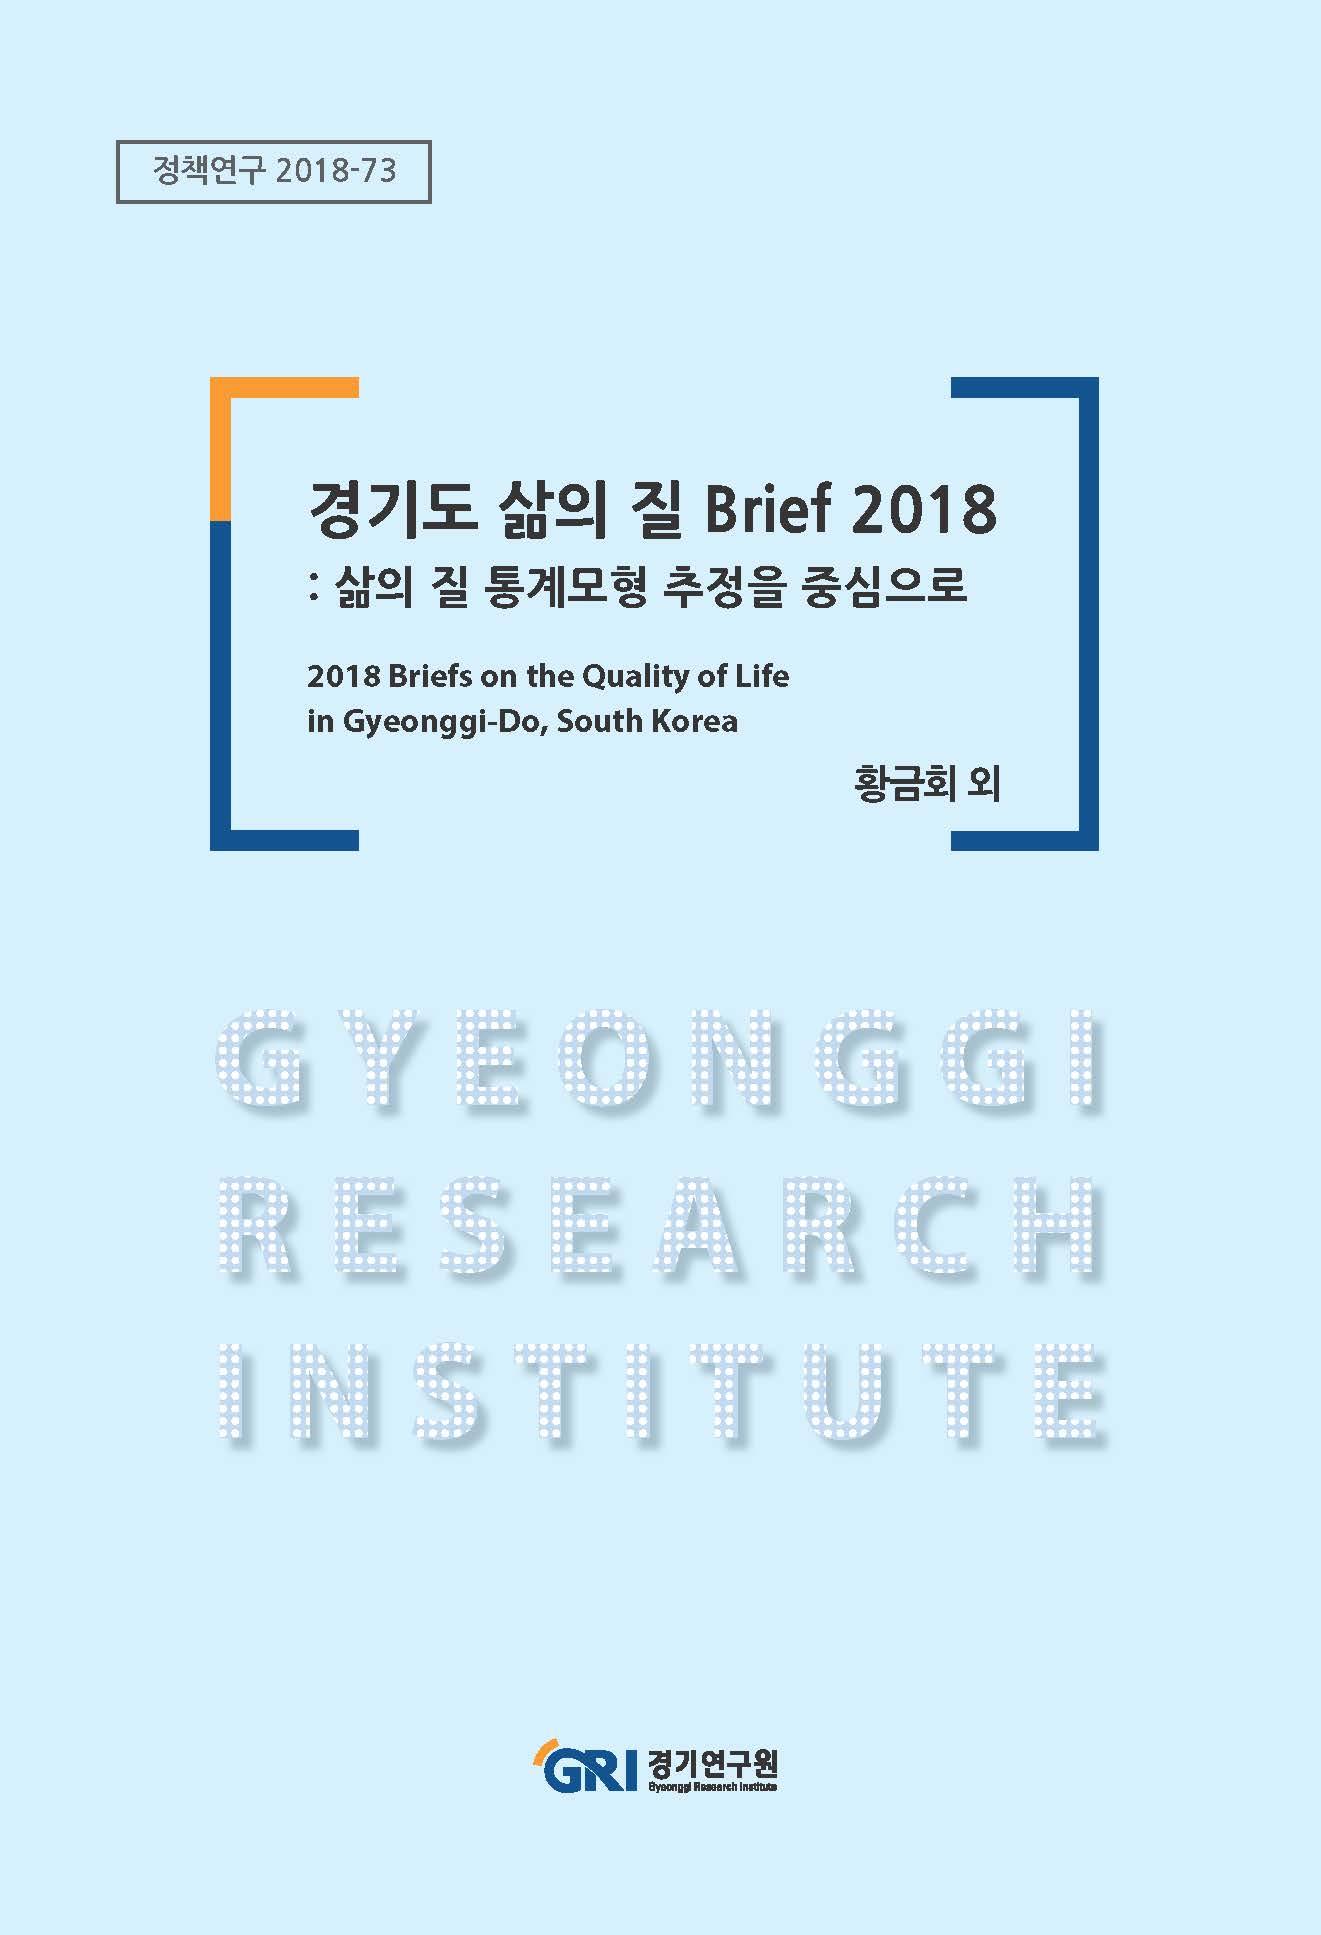 경기도 삶의 질 Brief 2018 : 삶의 질 통계모형 추정을 중심으로